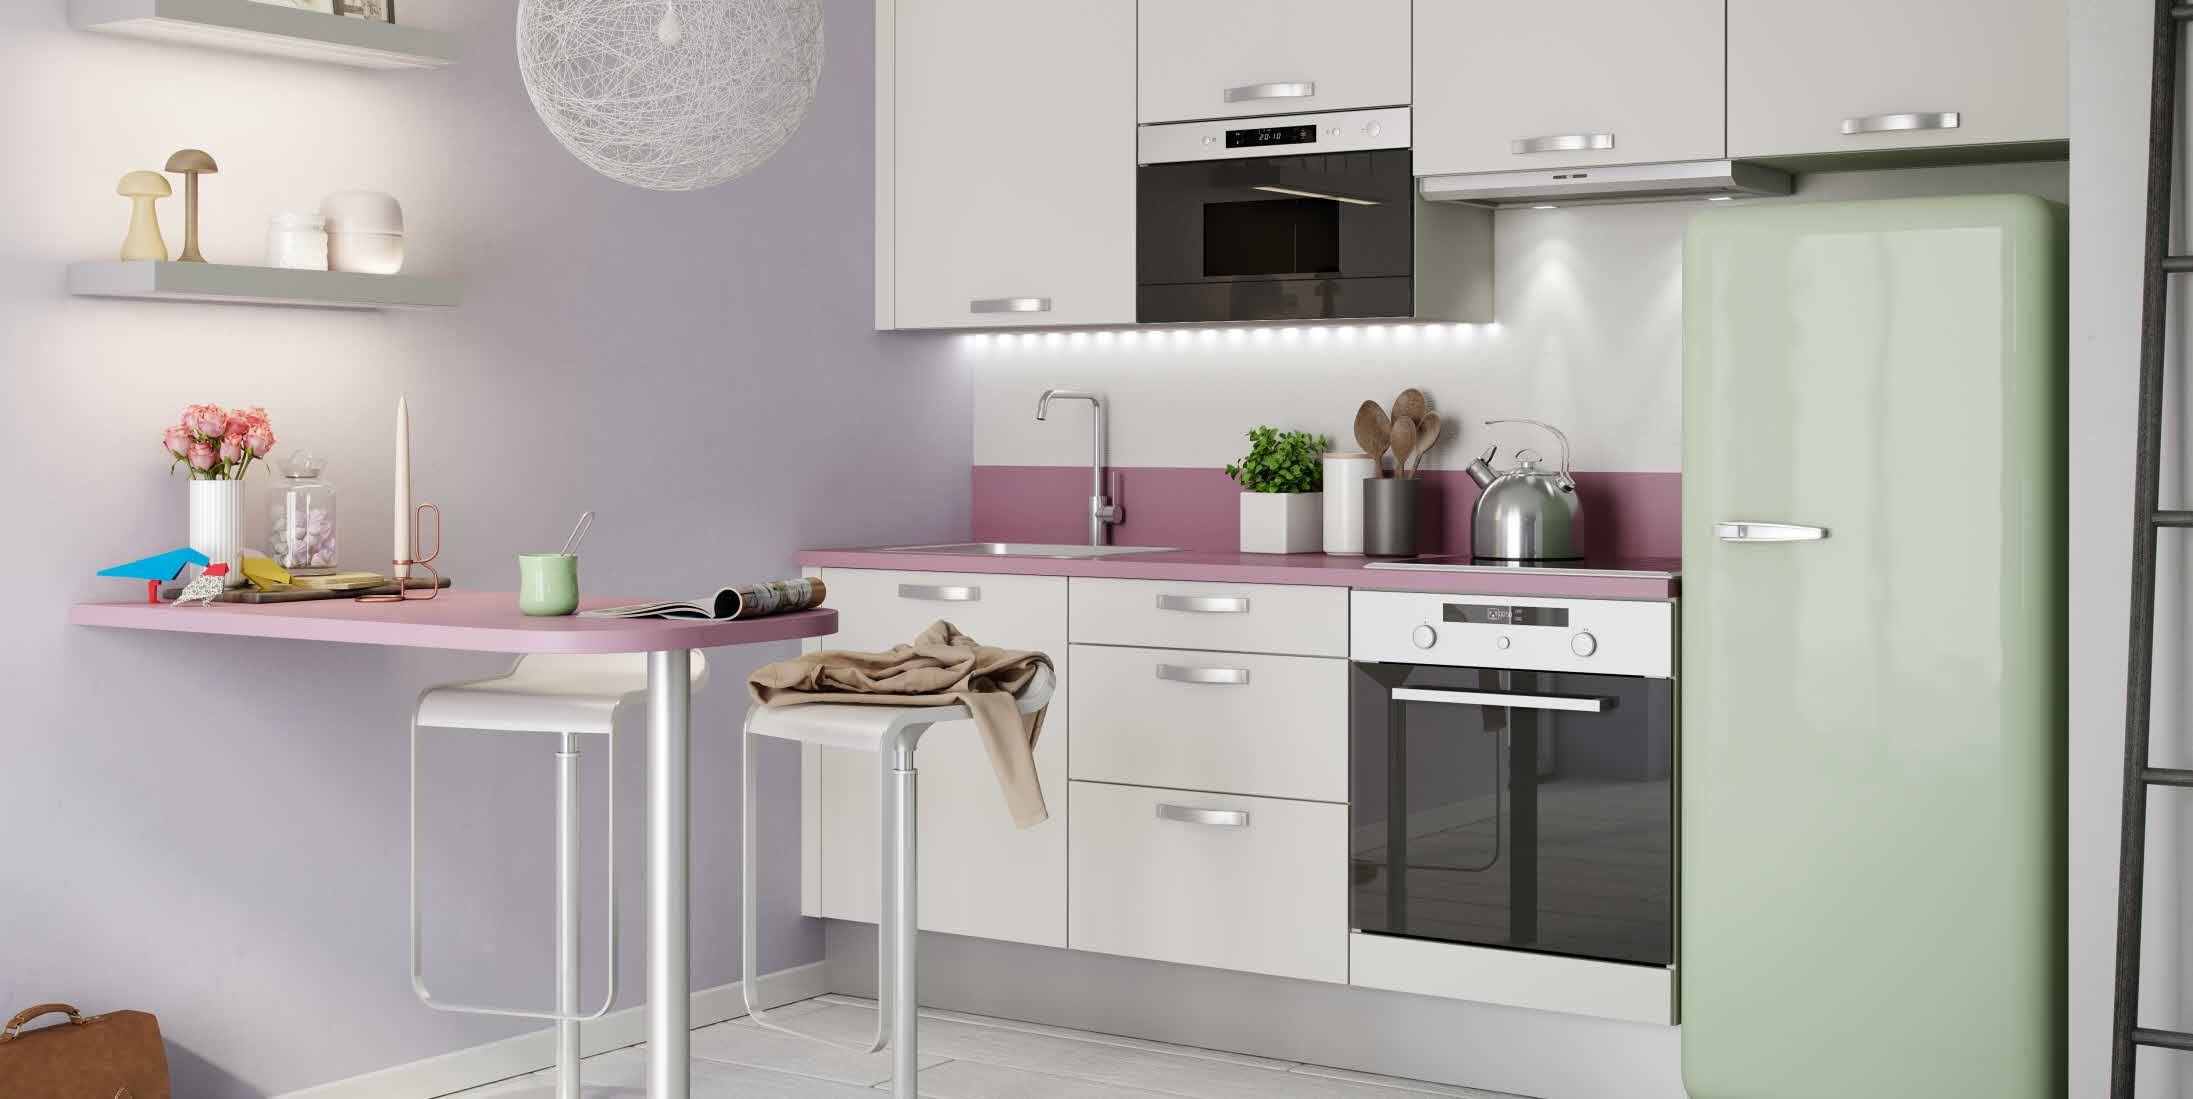 cuisine prima blanc d 39 hygena et couleurs pastel ambiance d licieusement f minine garantie. Black Bedroom Furniture Sets. Home Design Ideas